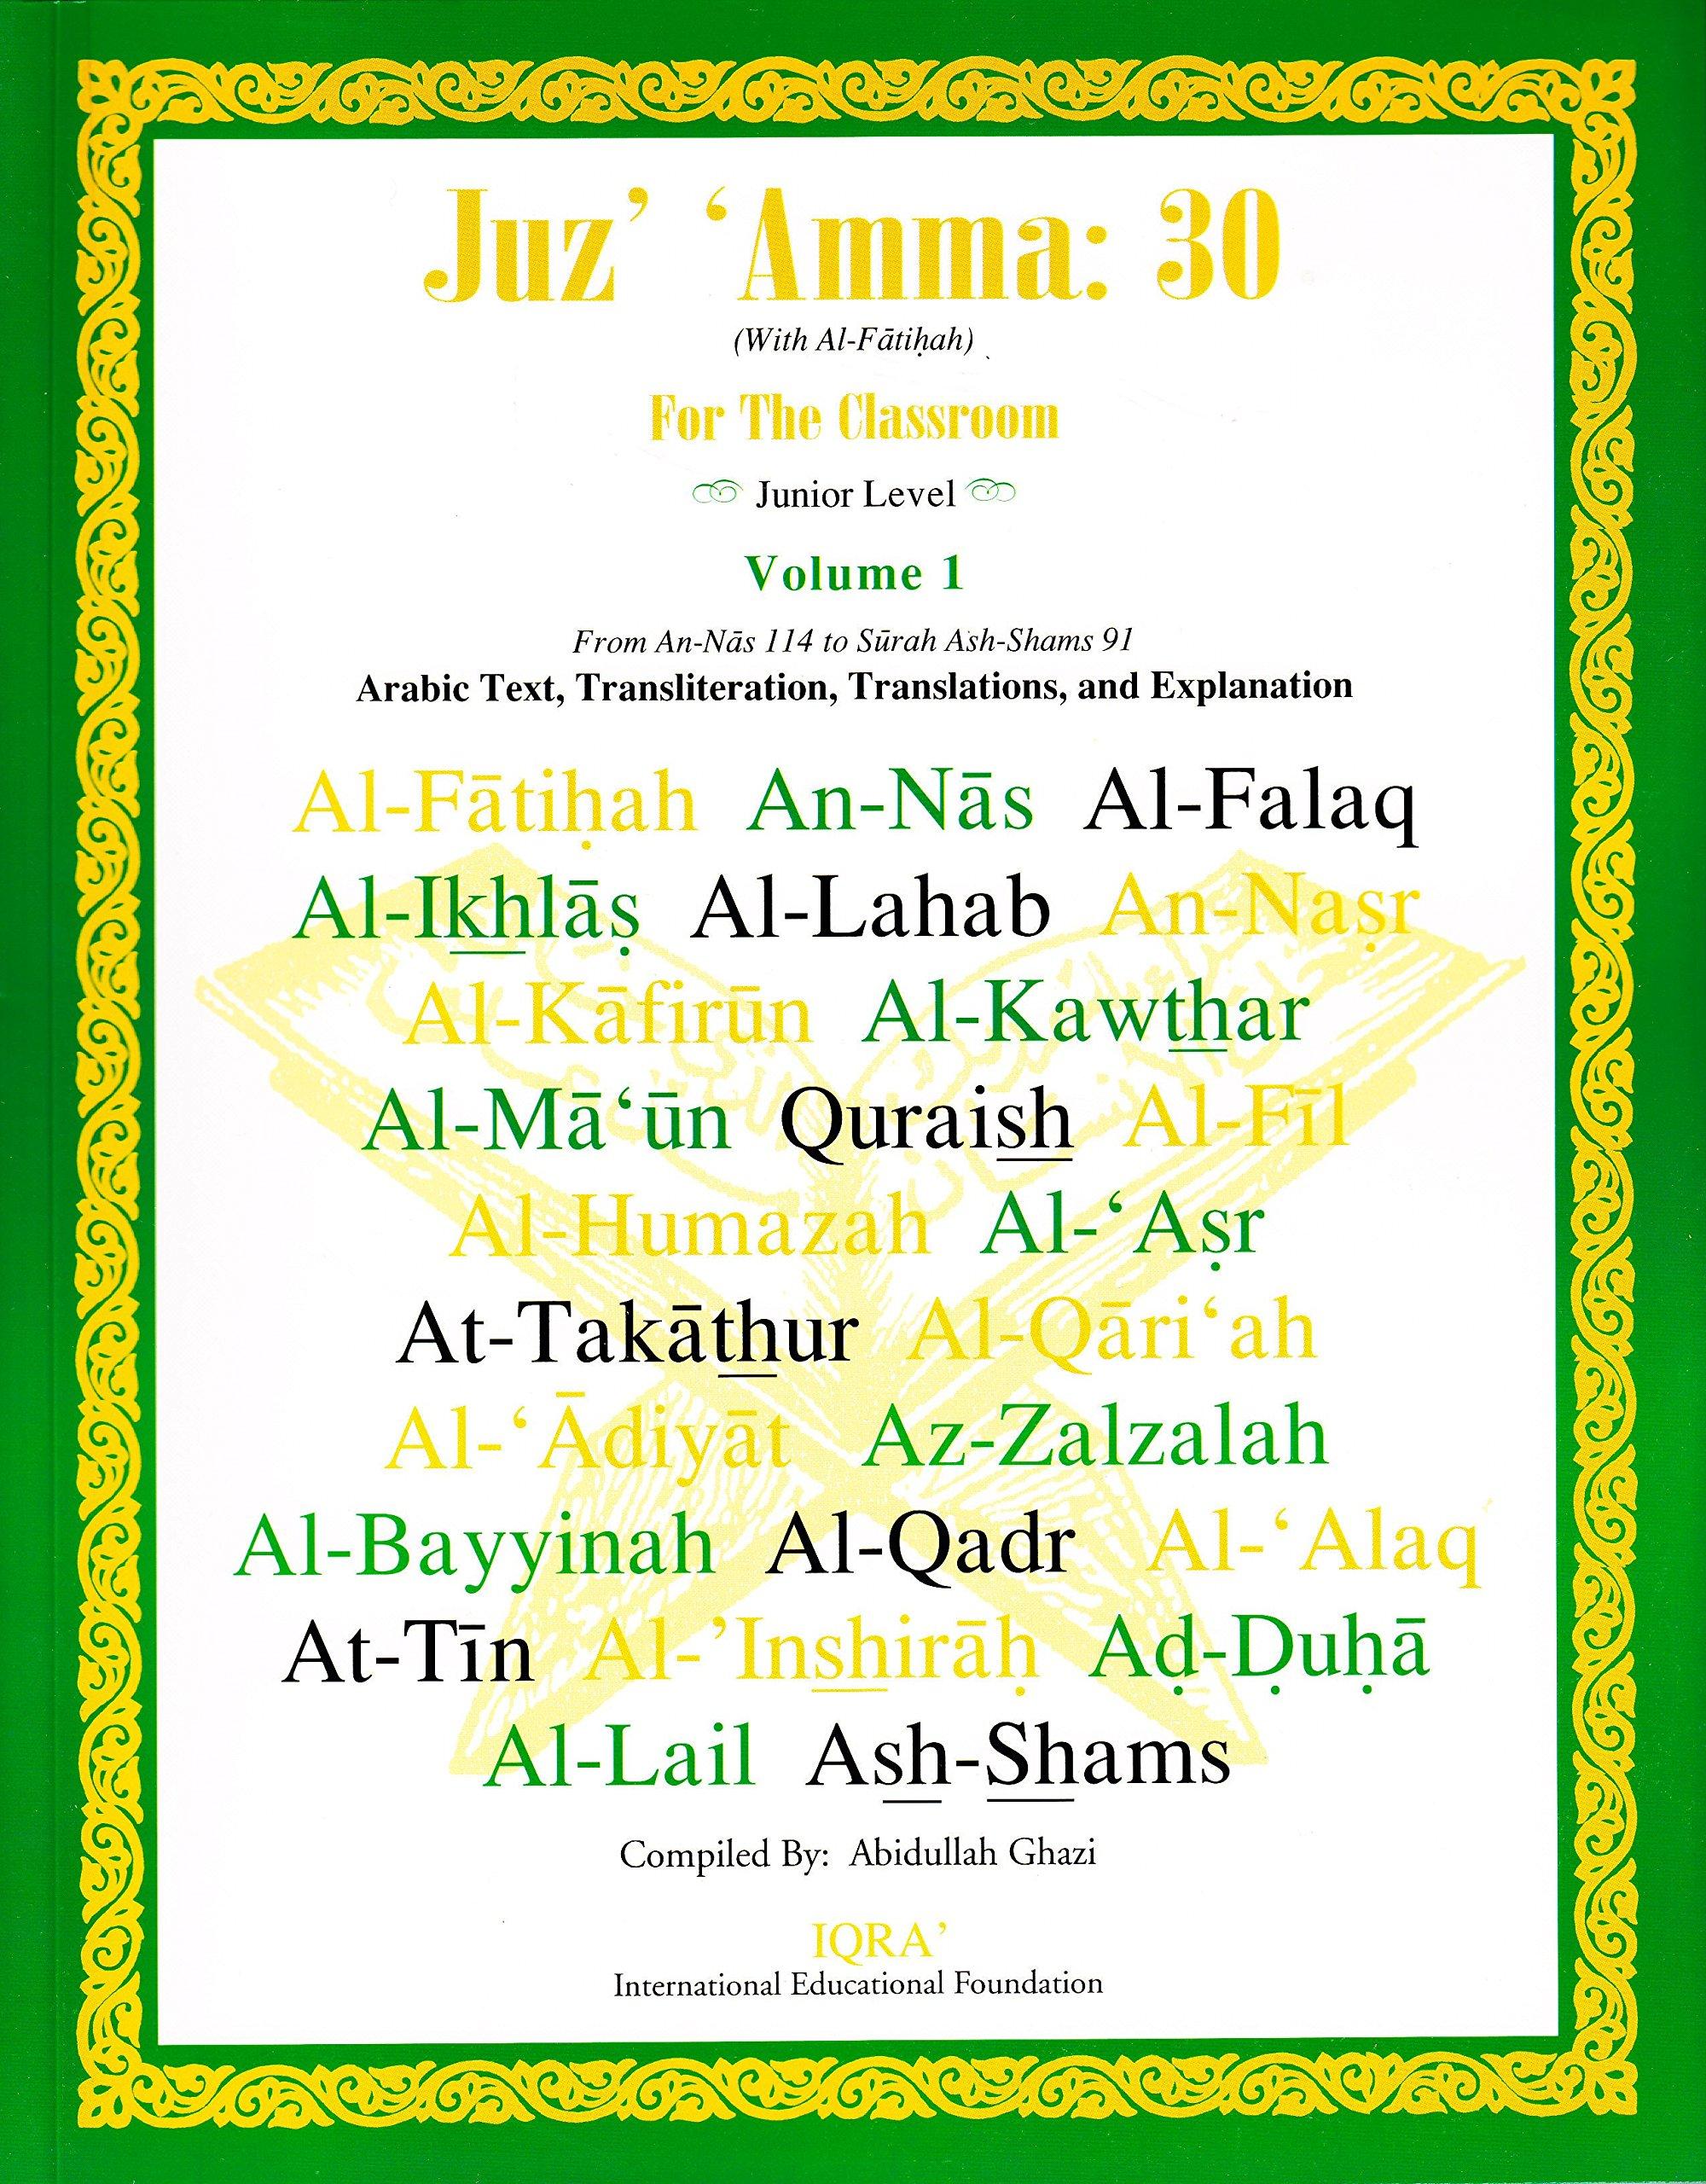 Juz' Amma: 30: Amazon co uk: iqra: 9781563161094: Books